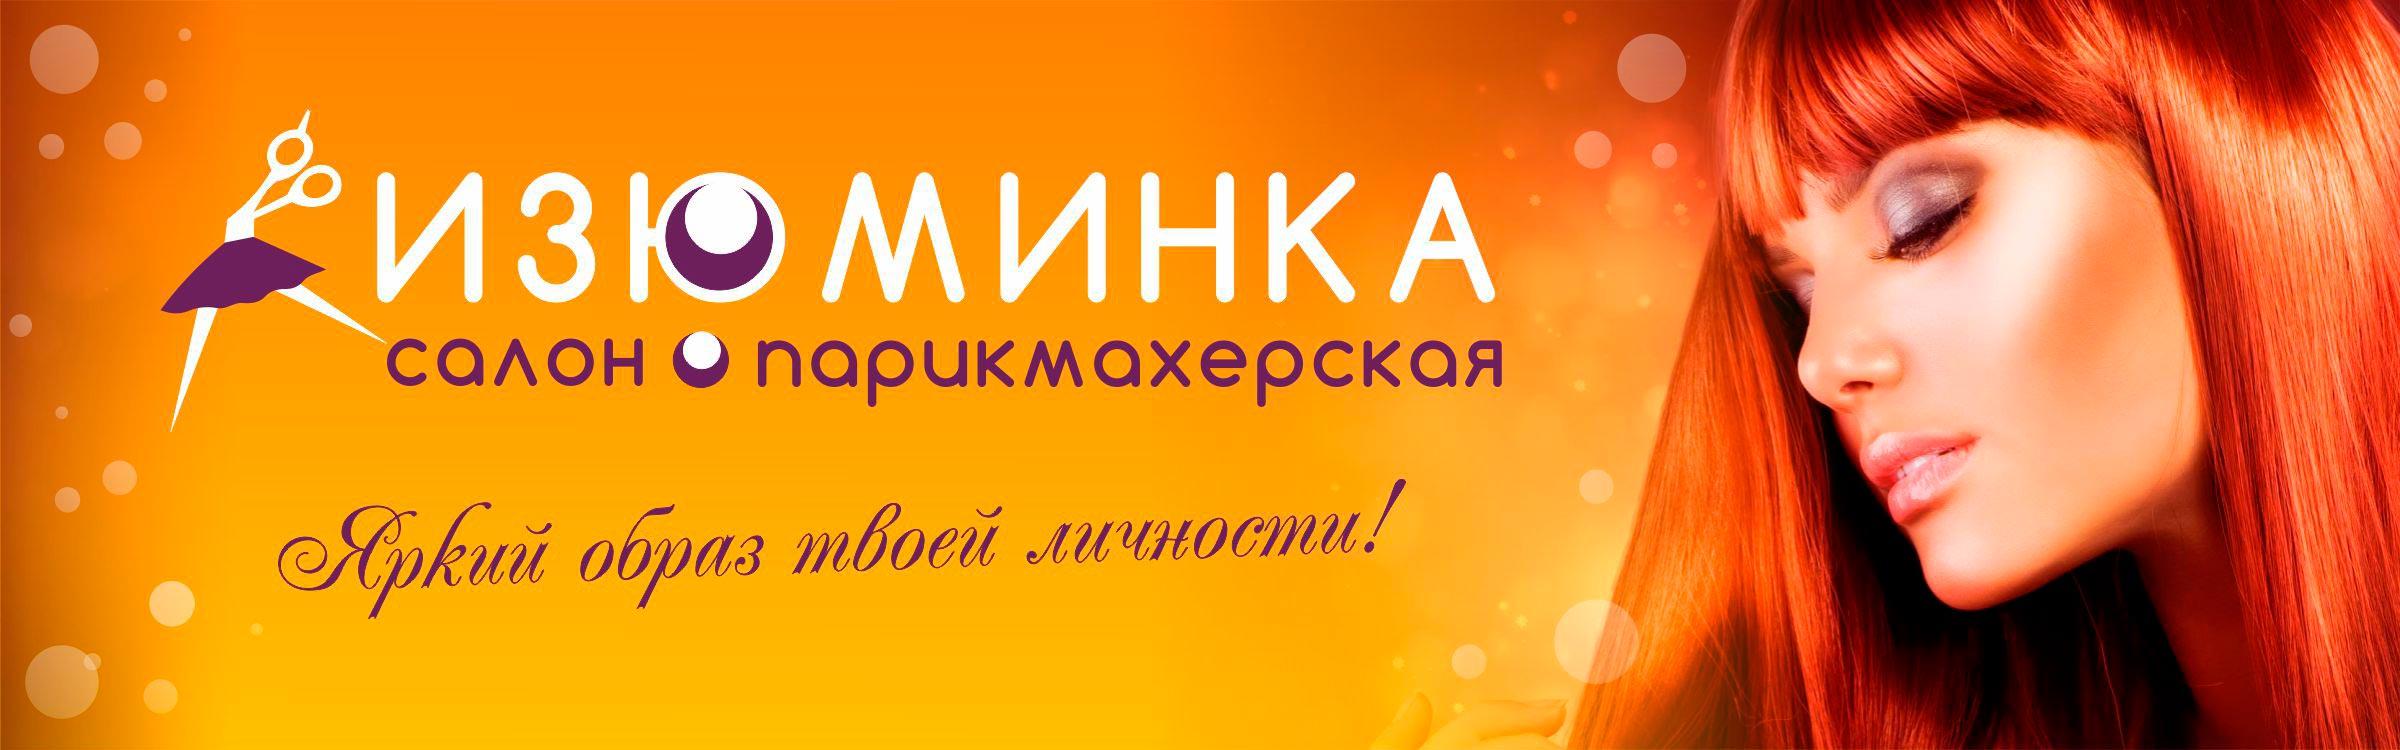 Cалон - Парикмахерская 'Изюминка - Cалон - Парикмахерская' в Смоленске. Главная страница